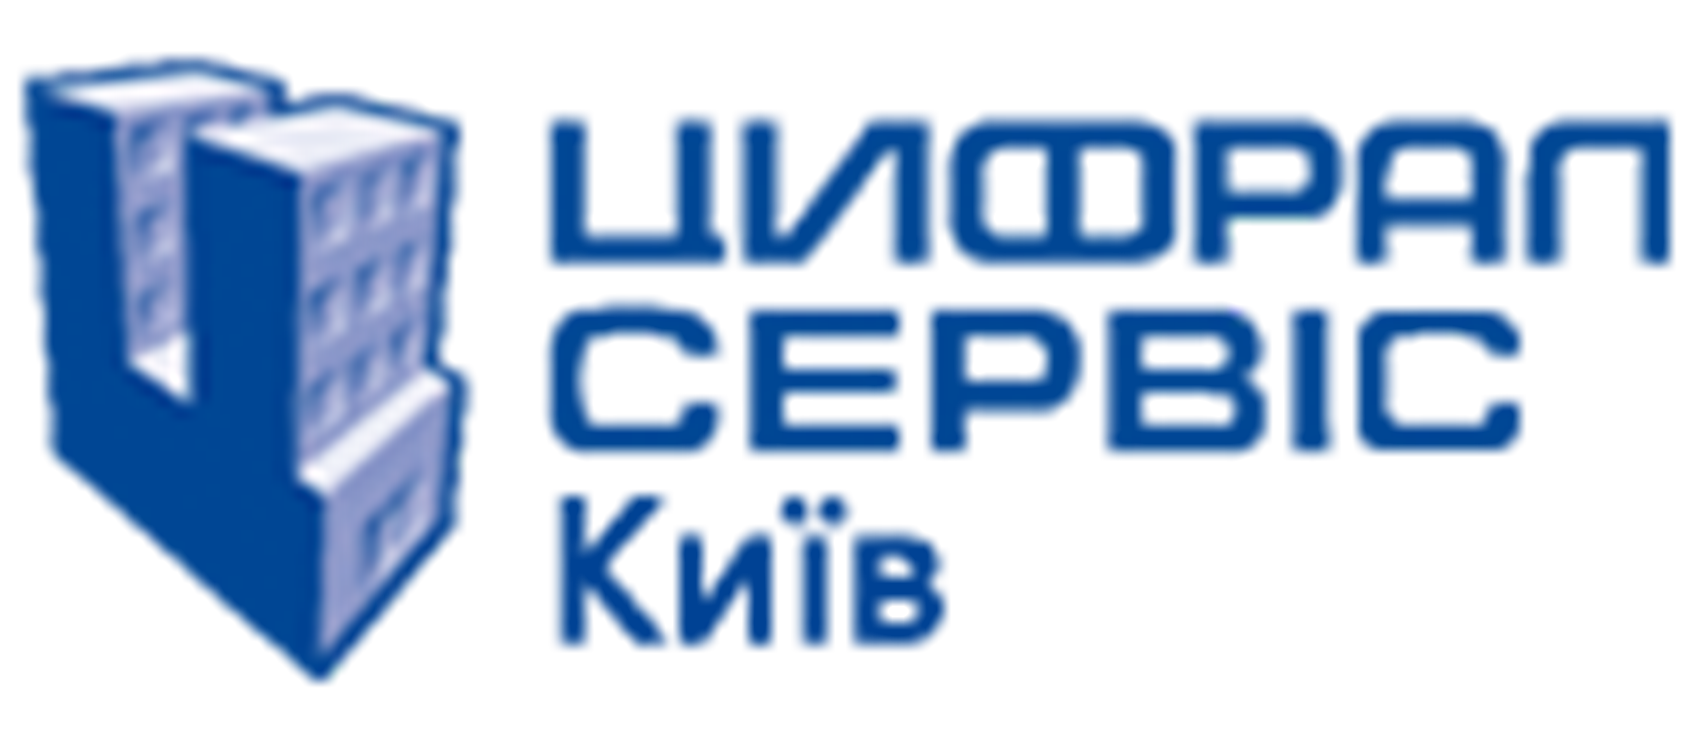 Цифрал (Киев)